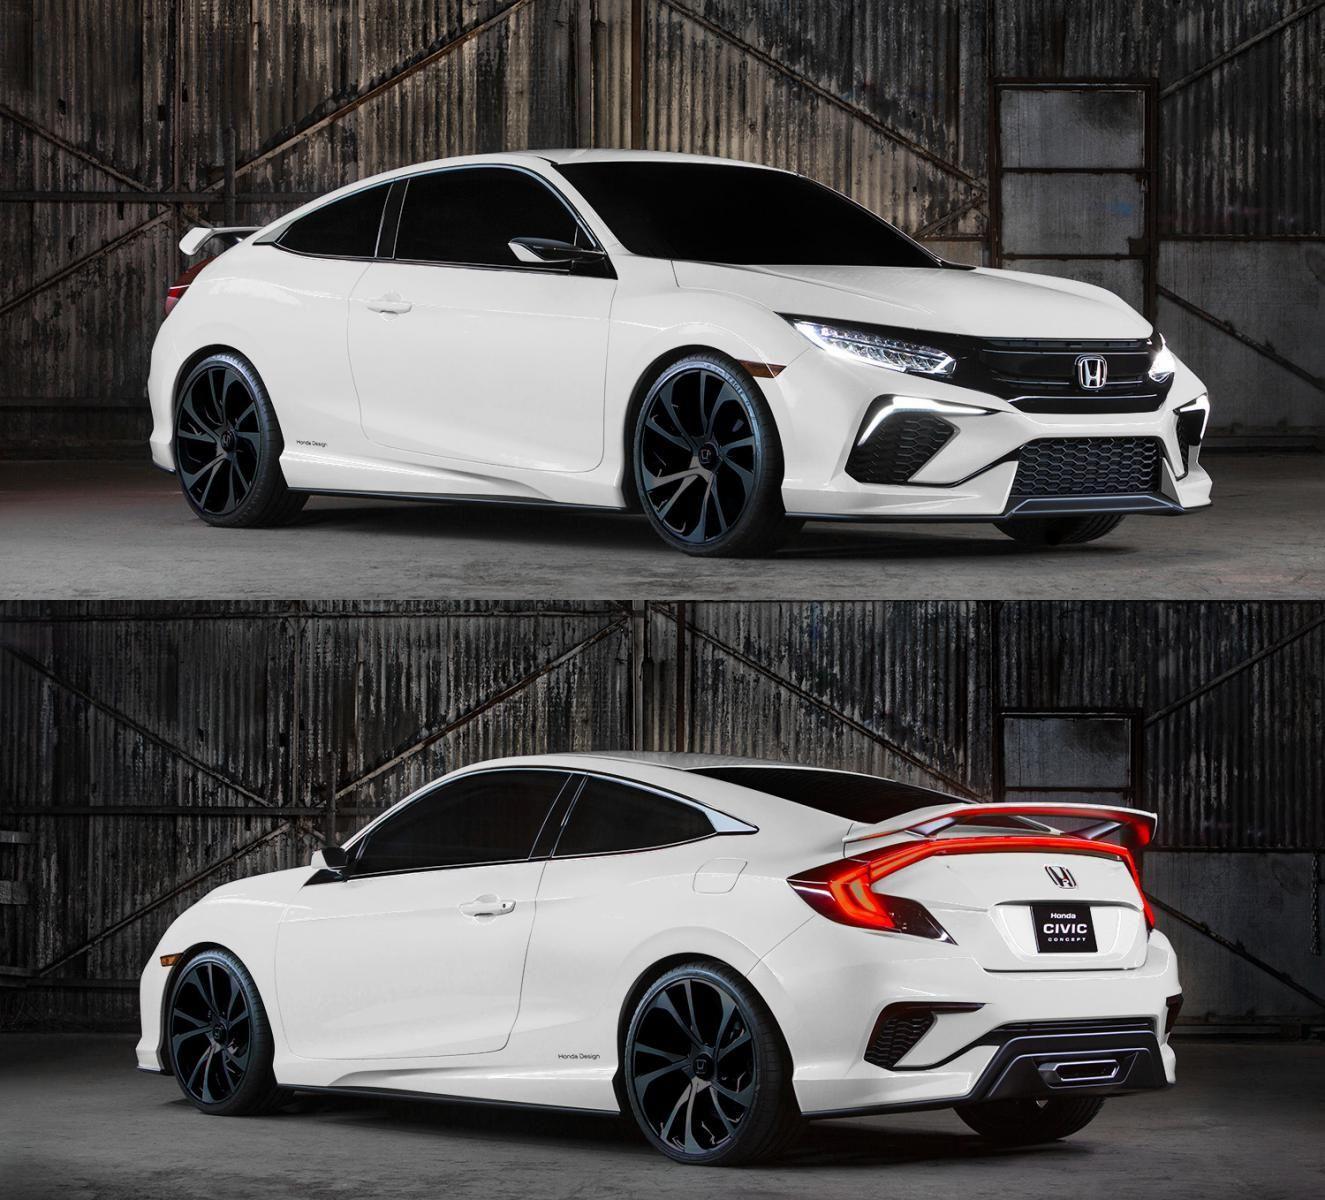 13 AMAZING BEST SPORT CAR 2019 Honda civic, Honda civic